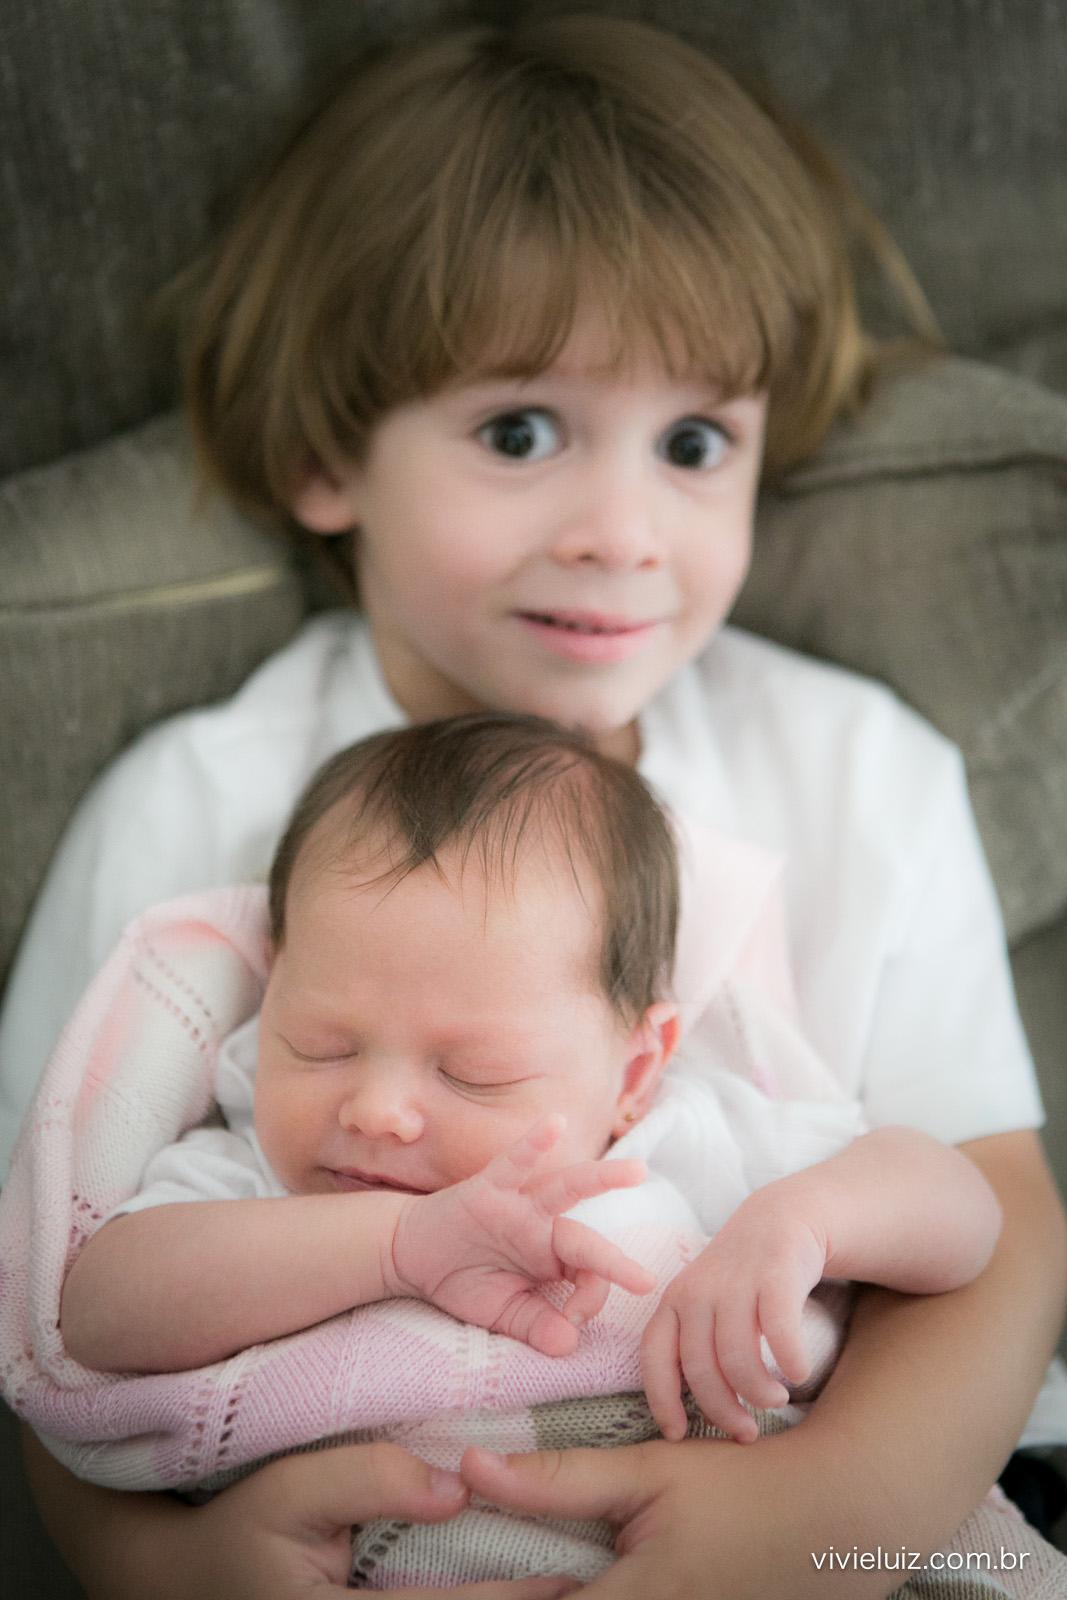 lifesyte de bebe em familia com fotos vivi e luiz